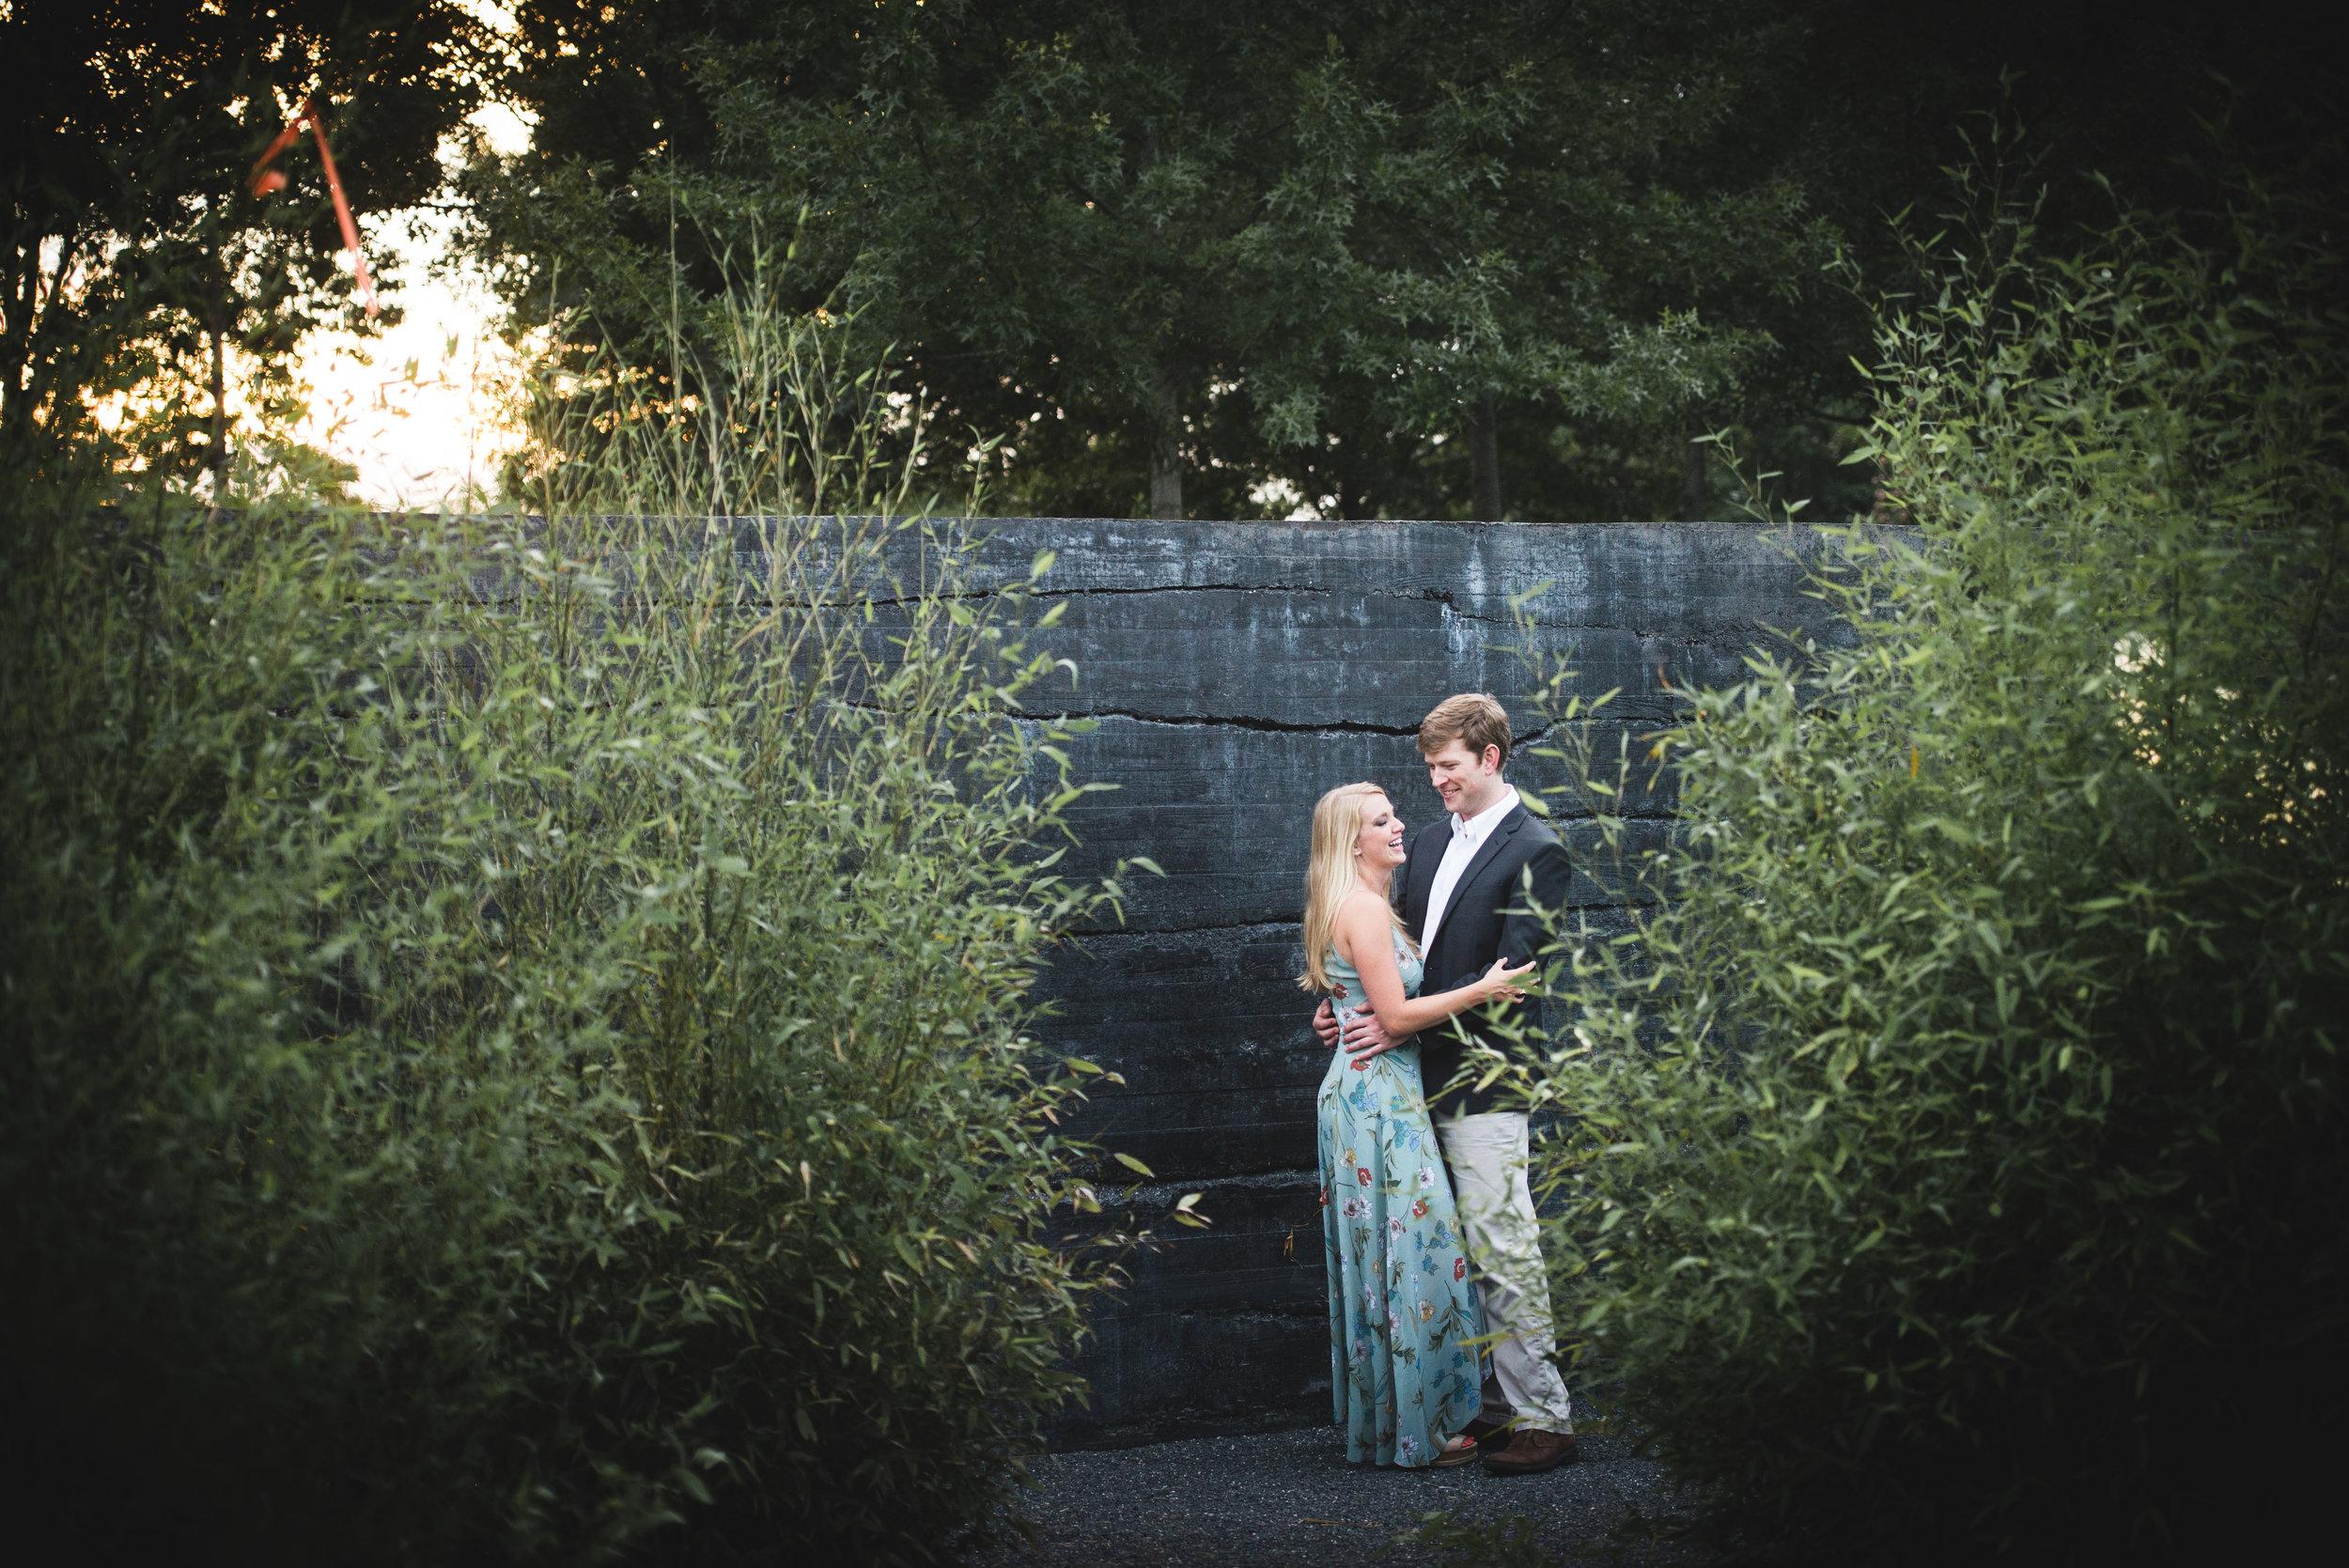 Barrett_Stephen_Engagement-106.jpg